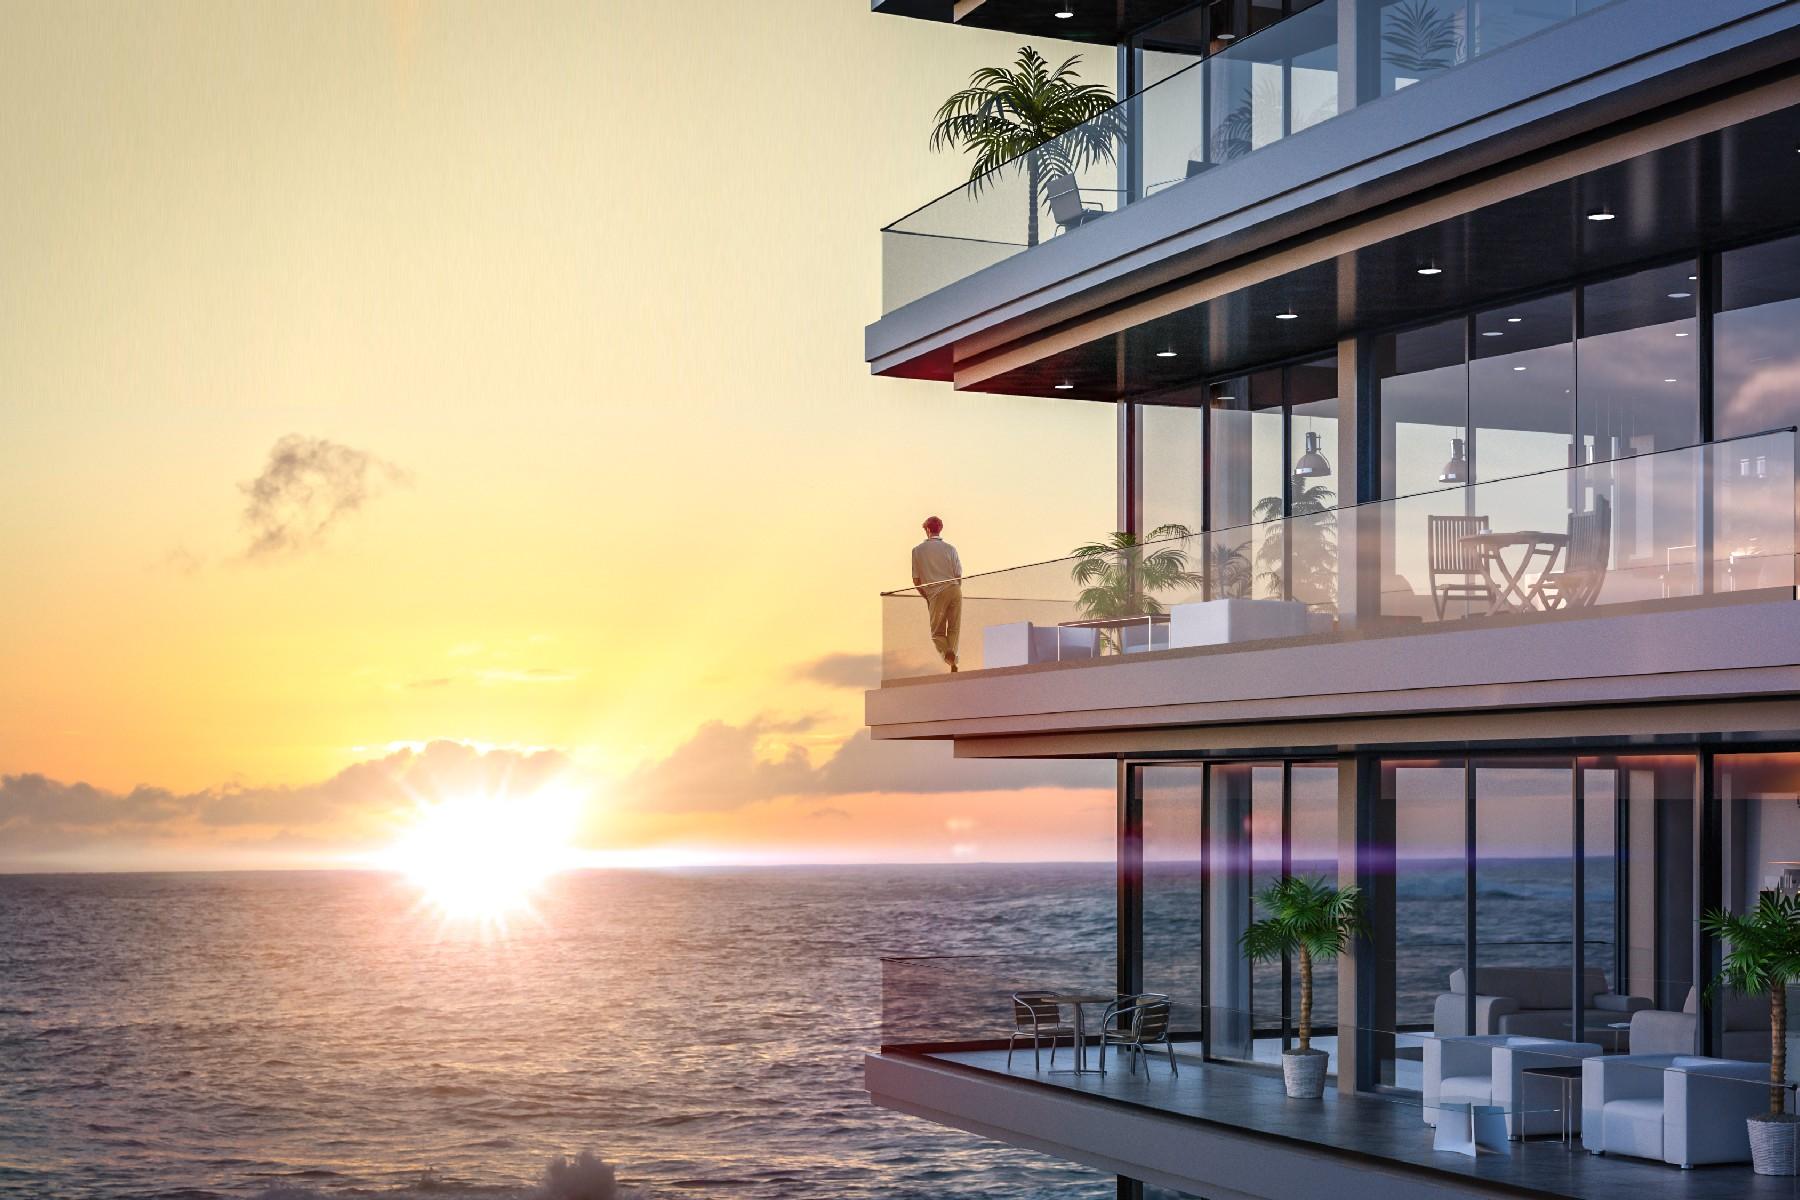 Πολυκατοικία ατομικής ιδιοκτησίας για την Πώληση στο Luxury Apartment at Nuevo Vallarta, 3 BR 432 Torre 4 Paseo de los Cocoteros 686 Pte. Puerto Vallarta, Jalisco 63732 Μεξικο